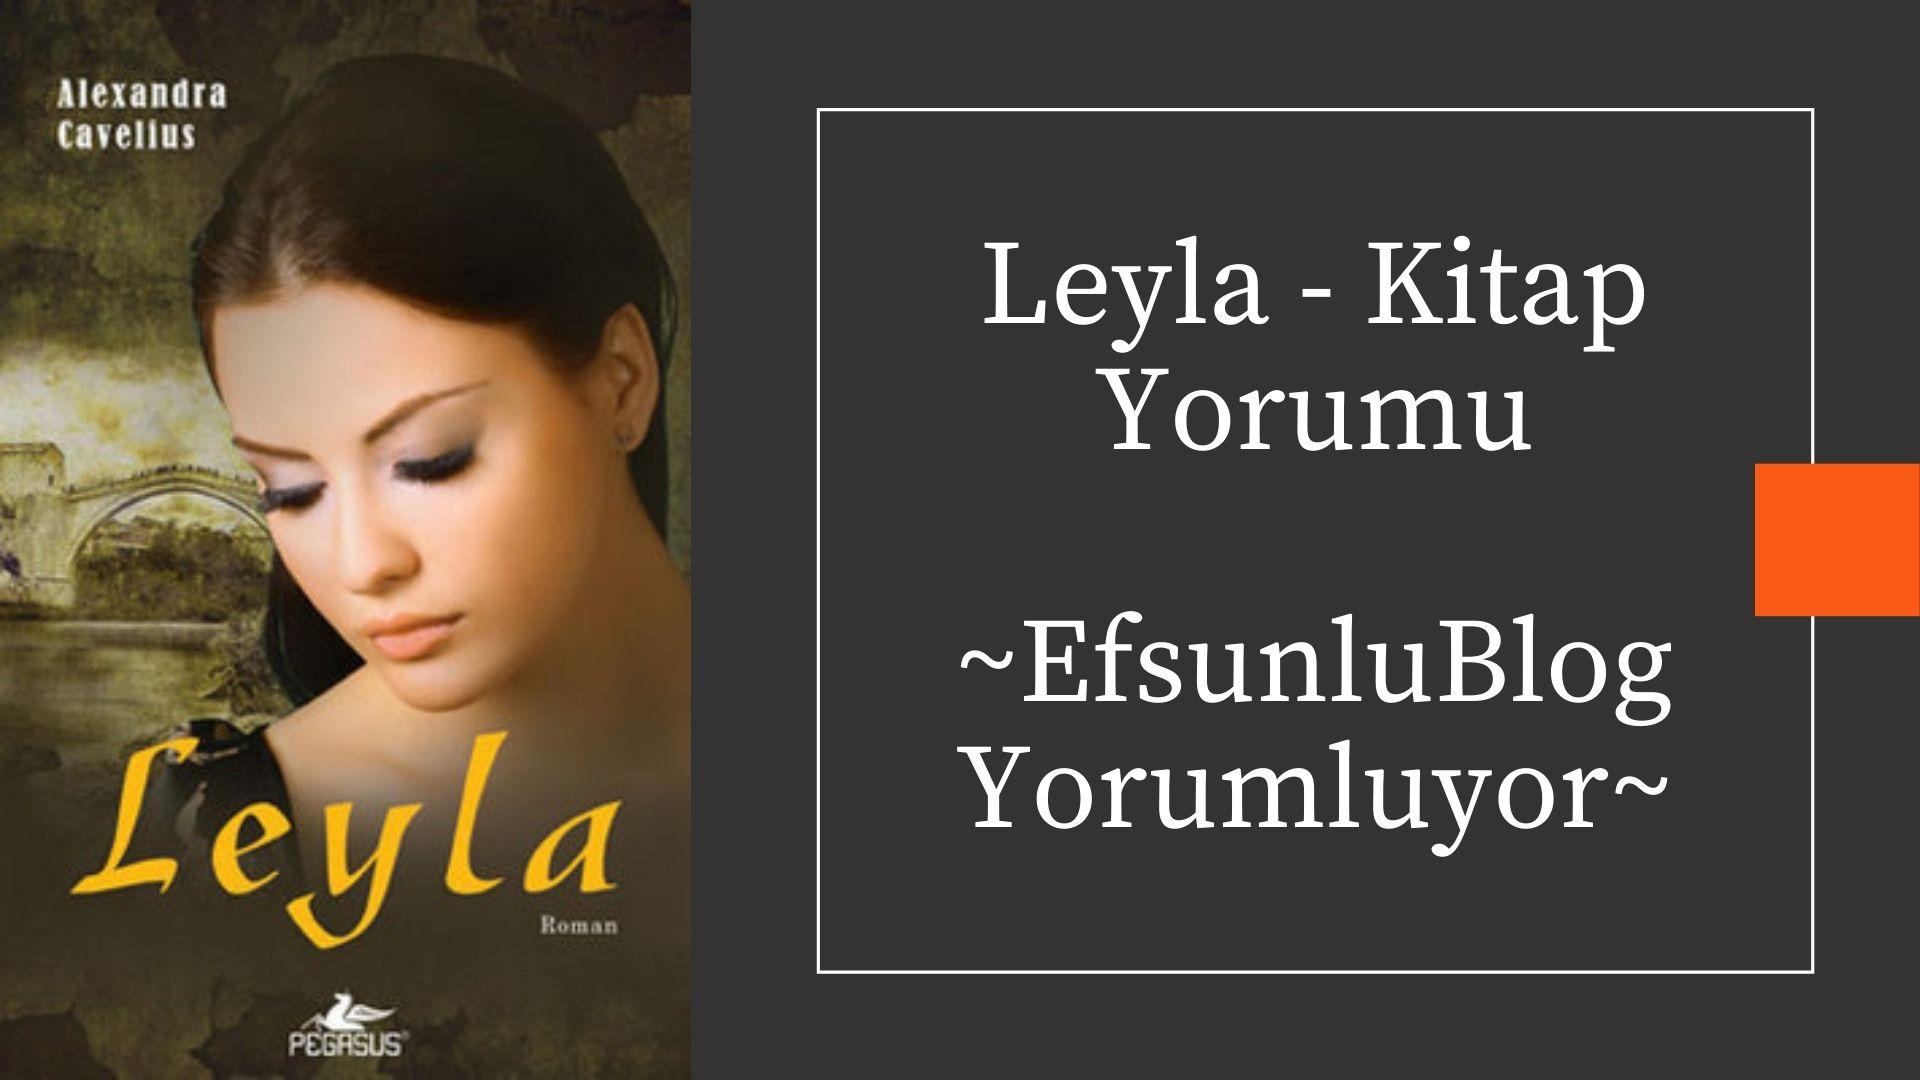 Leyla – Kitap Yorumu